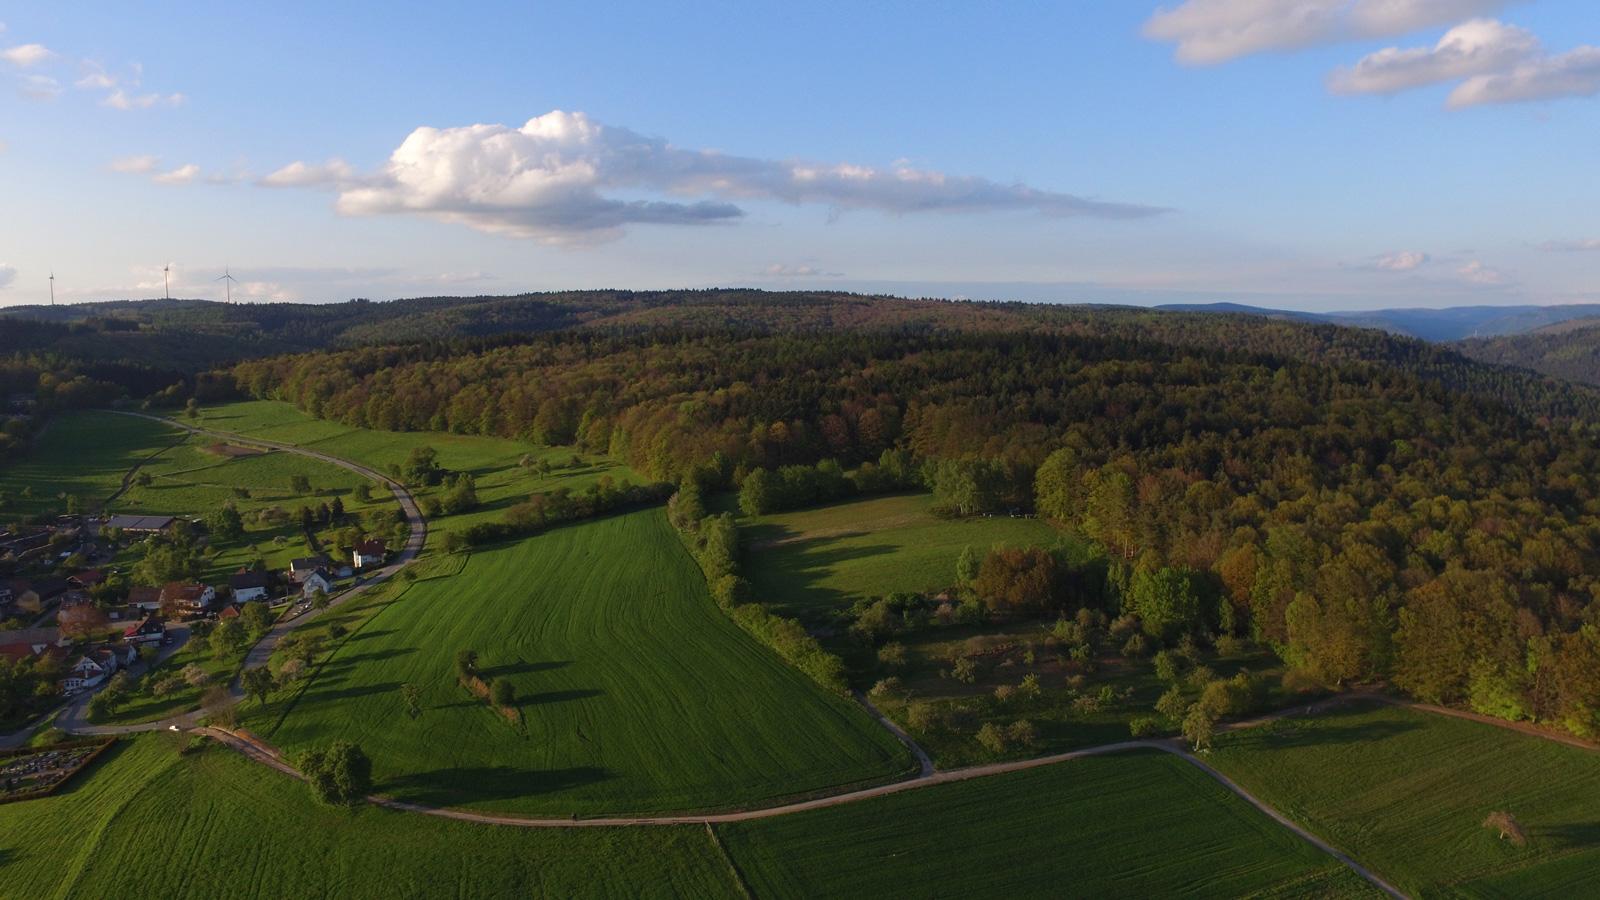 Drohnen-Luftbild mit Wald und Feldern